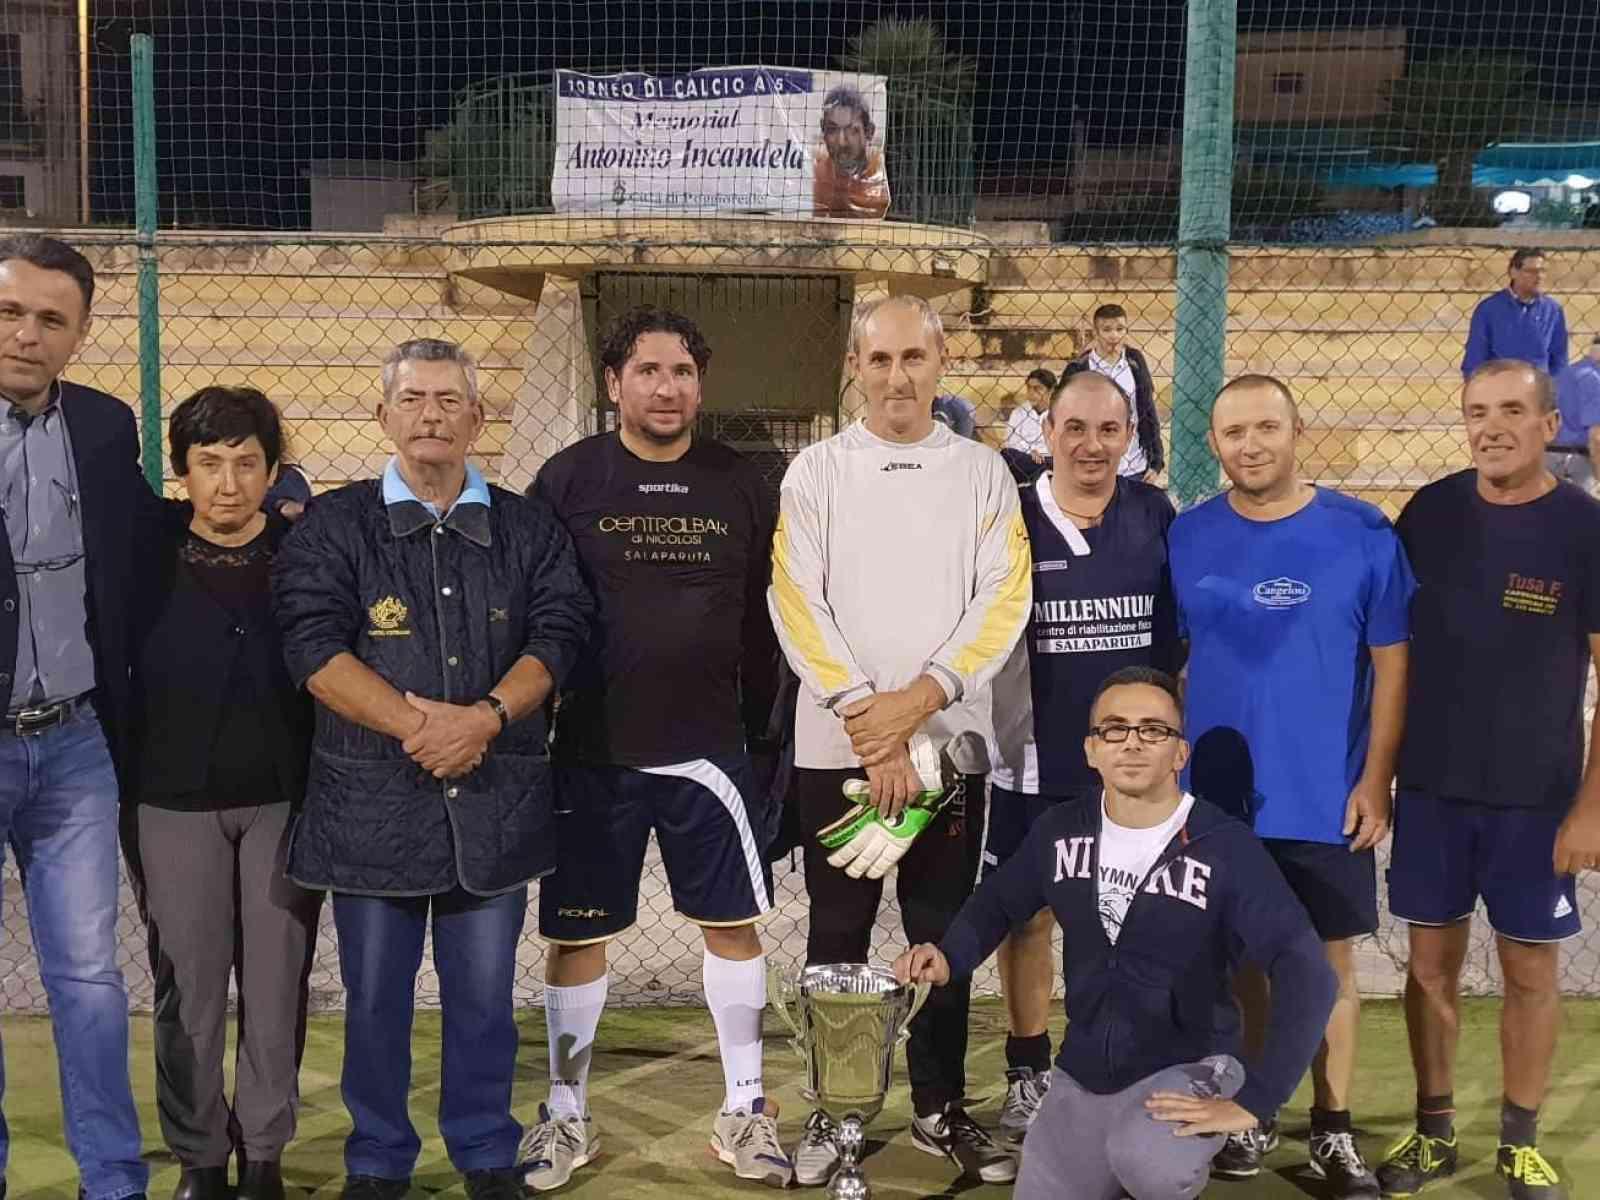 Immagine articolo: In ricordo di Antonino Incandela, grande partecipazione per il 6° Memorial di calcio a 5 a Poggioreale. Ecco chi ha vinto il torneo